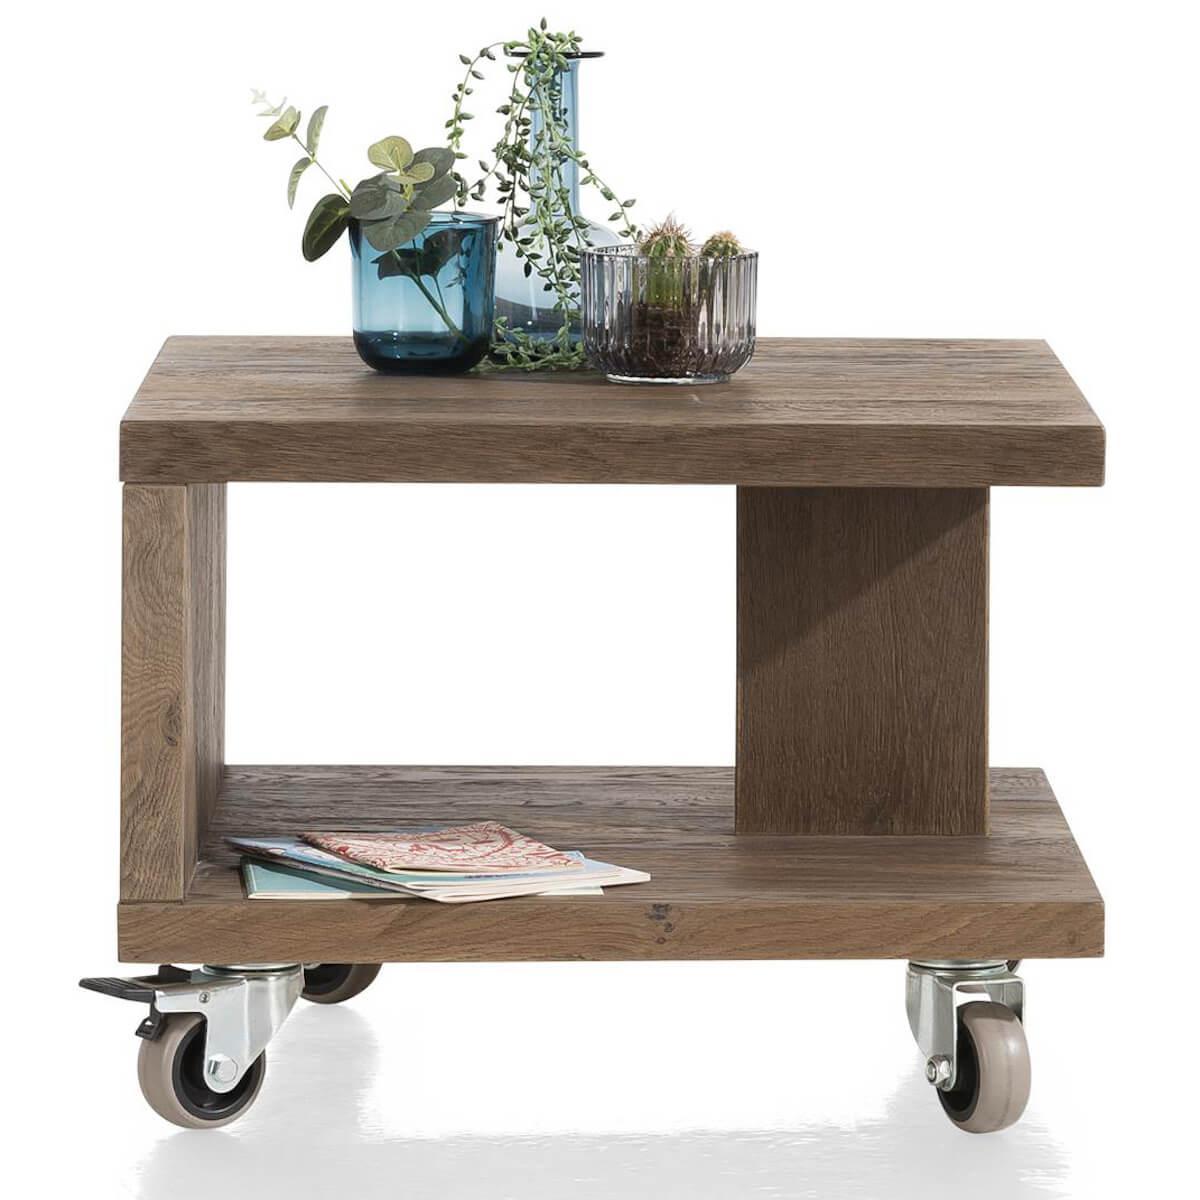 Table d'appoint 55x55cm CUBO Henders & Hazel